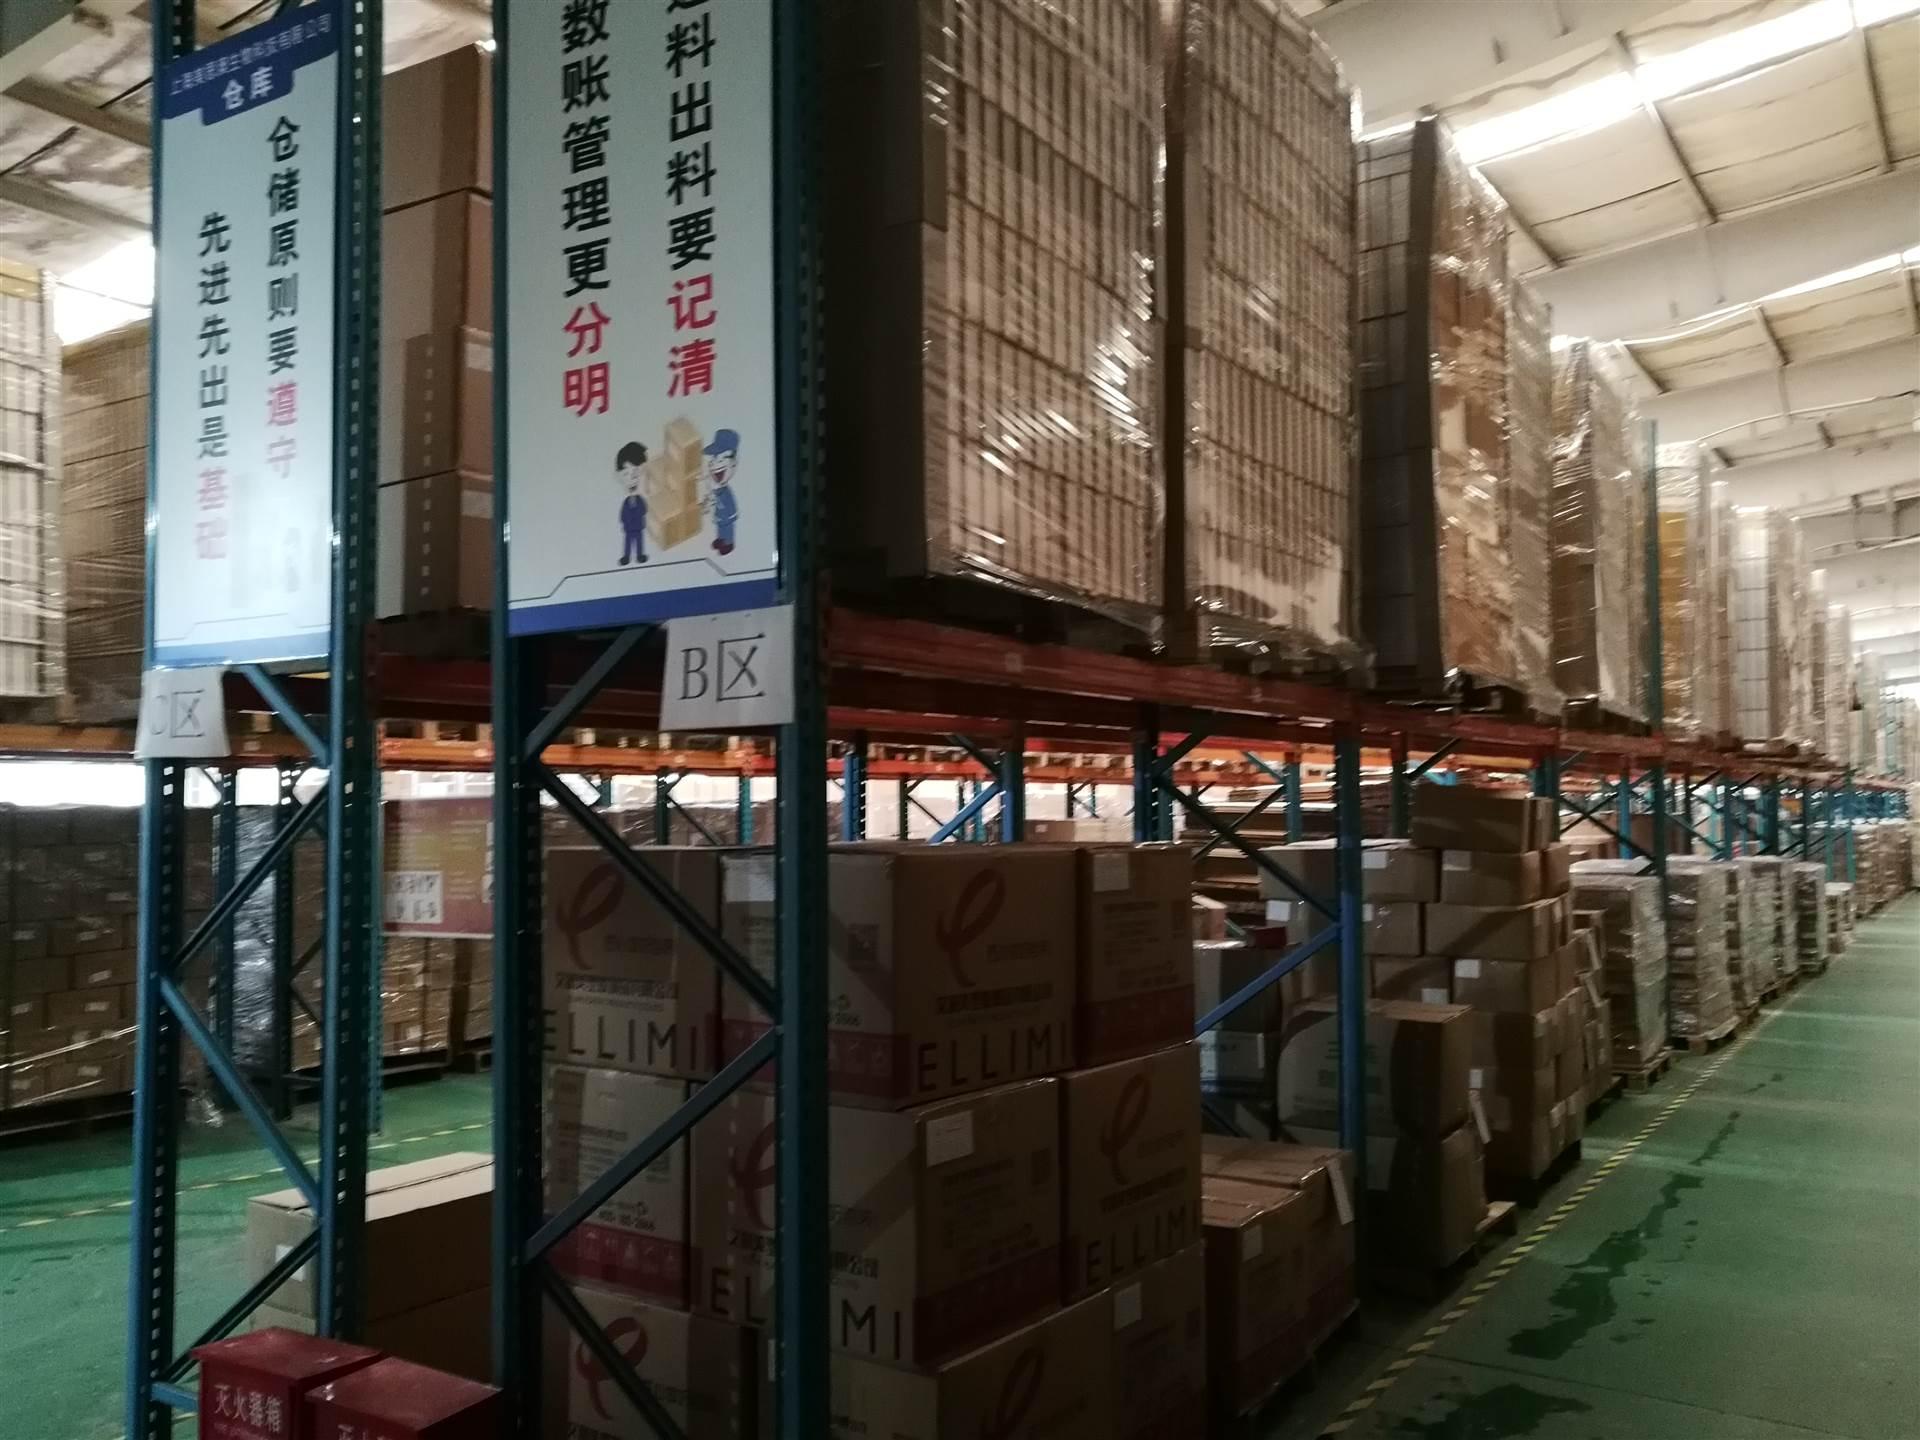 上海化妆品oem贴牌生产厂